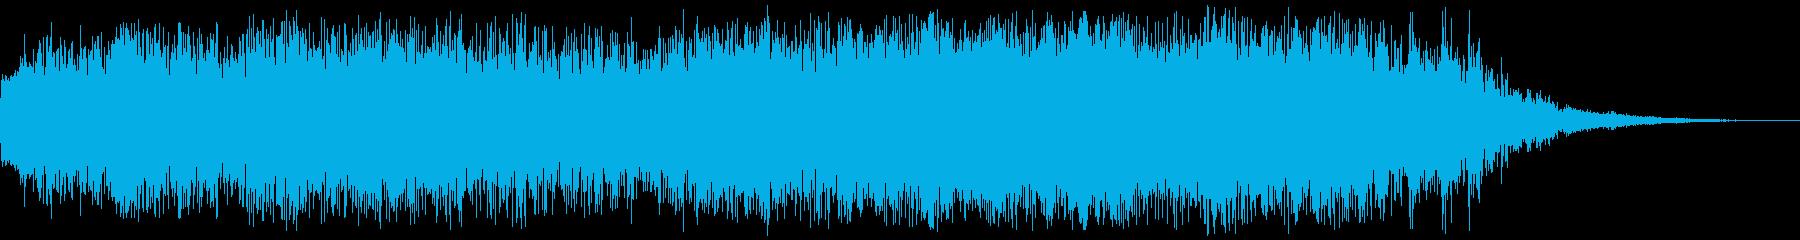 ホラージングル、ミサ、ゲームオーバーの再生済みの波形